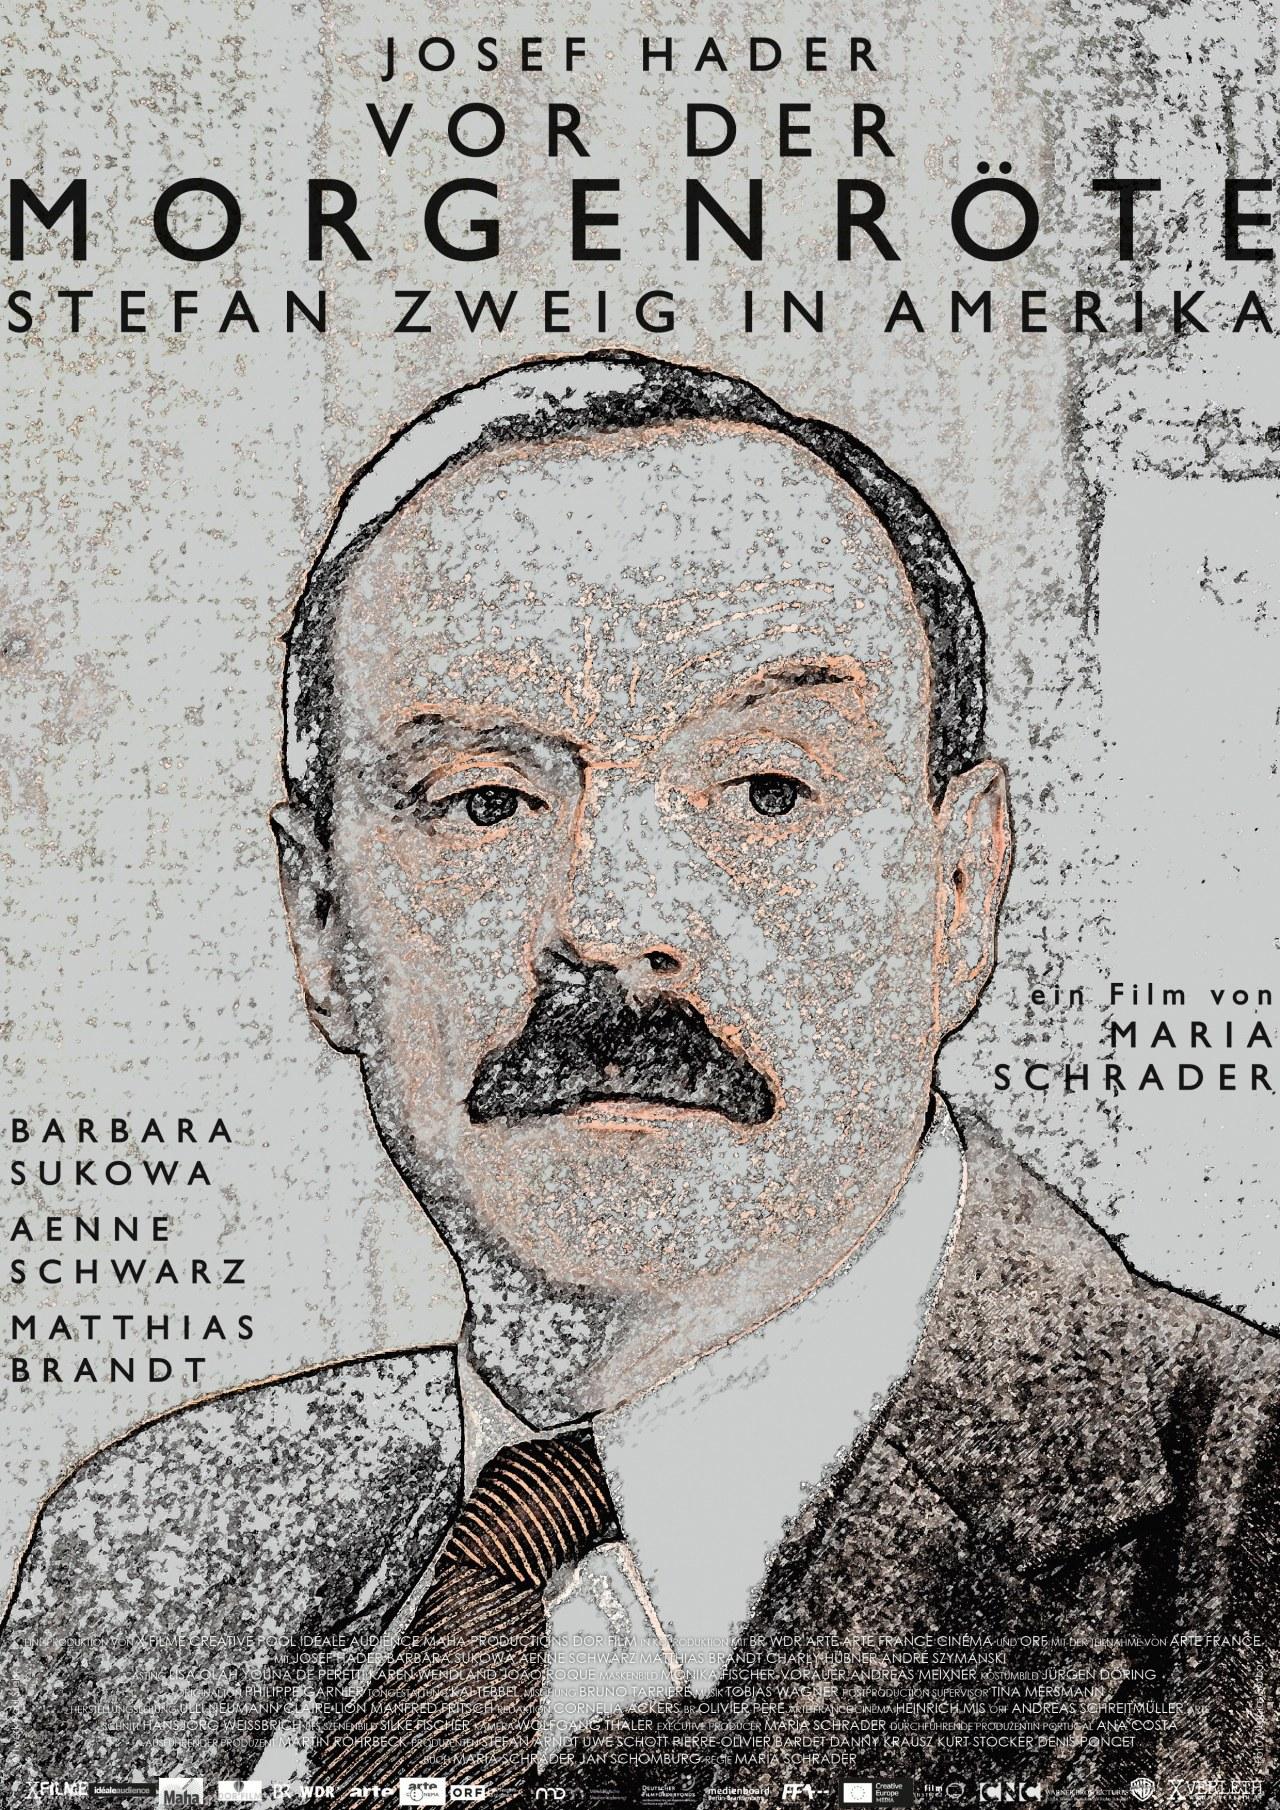 Vor der Morgenröte - Stefan Zweig in Amerika - Bild 1